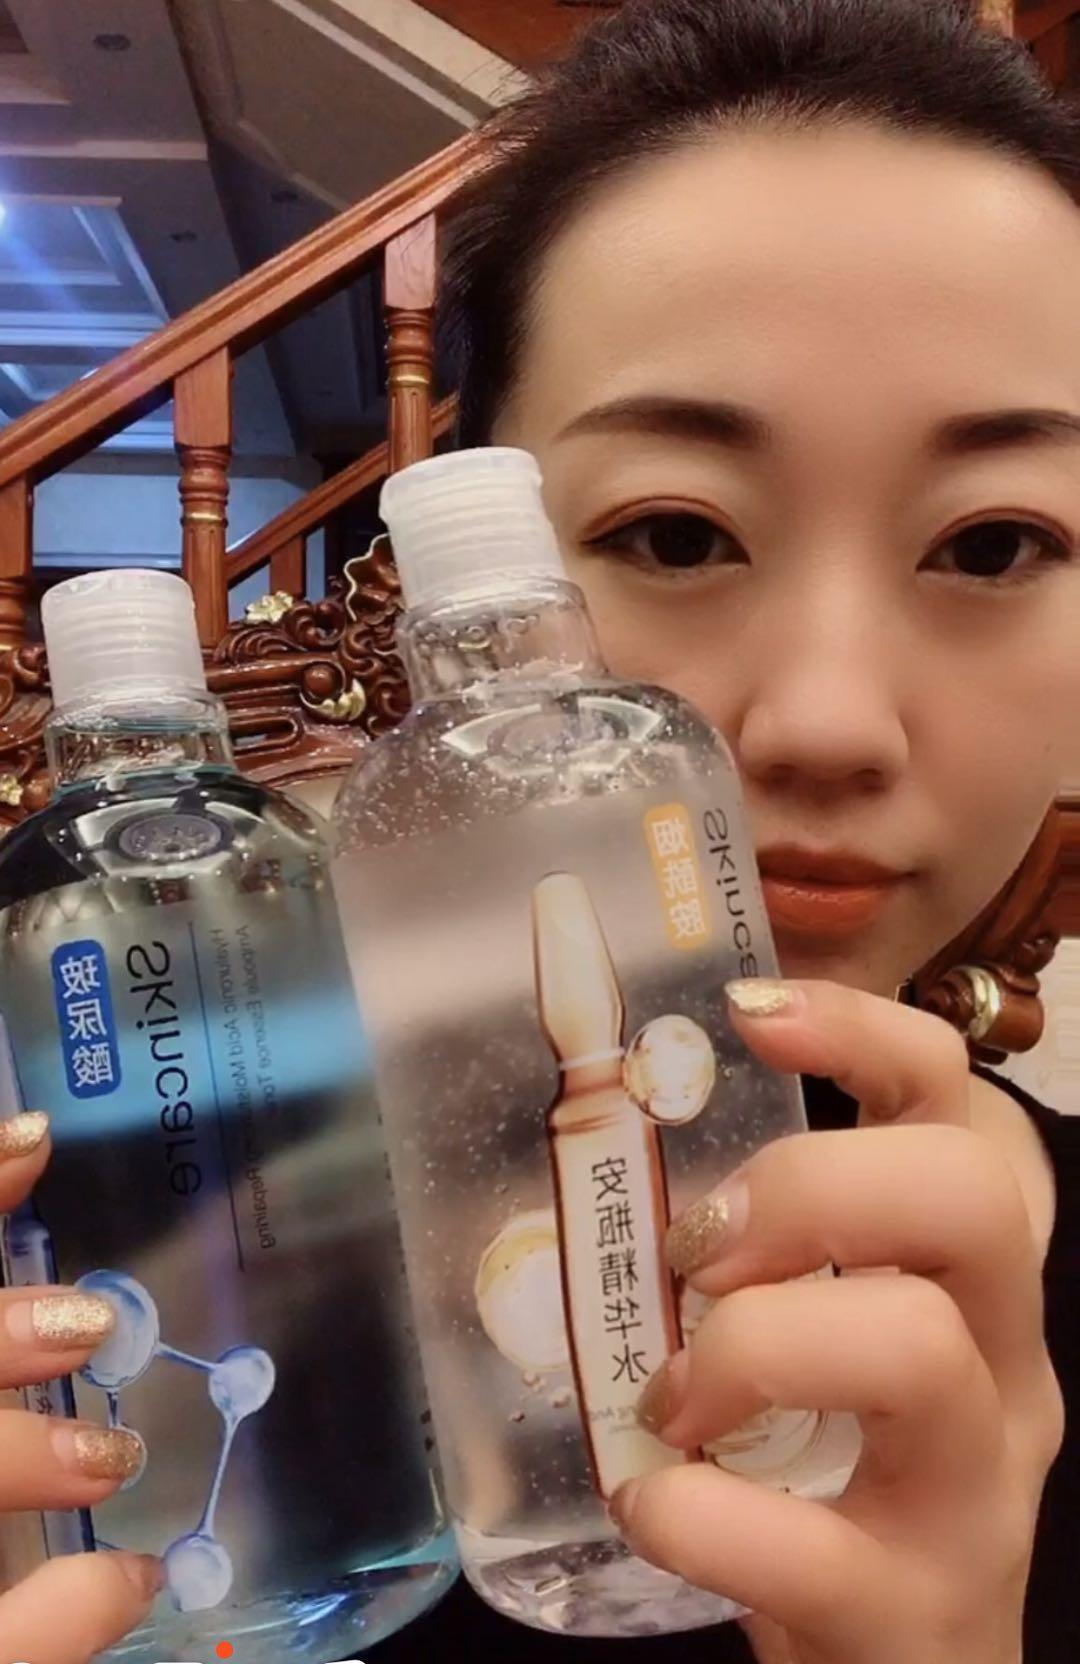 精華水保濕煙酰胺護膚補水安瓶化妝水500ml